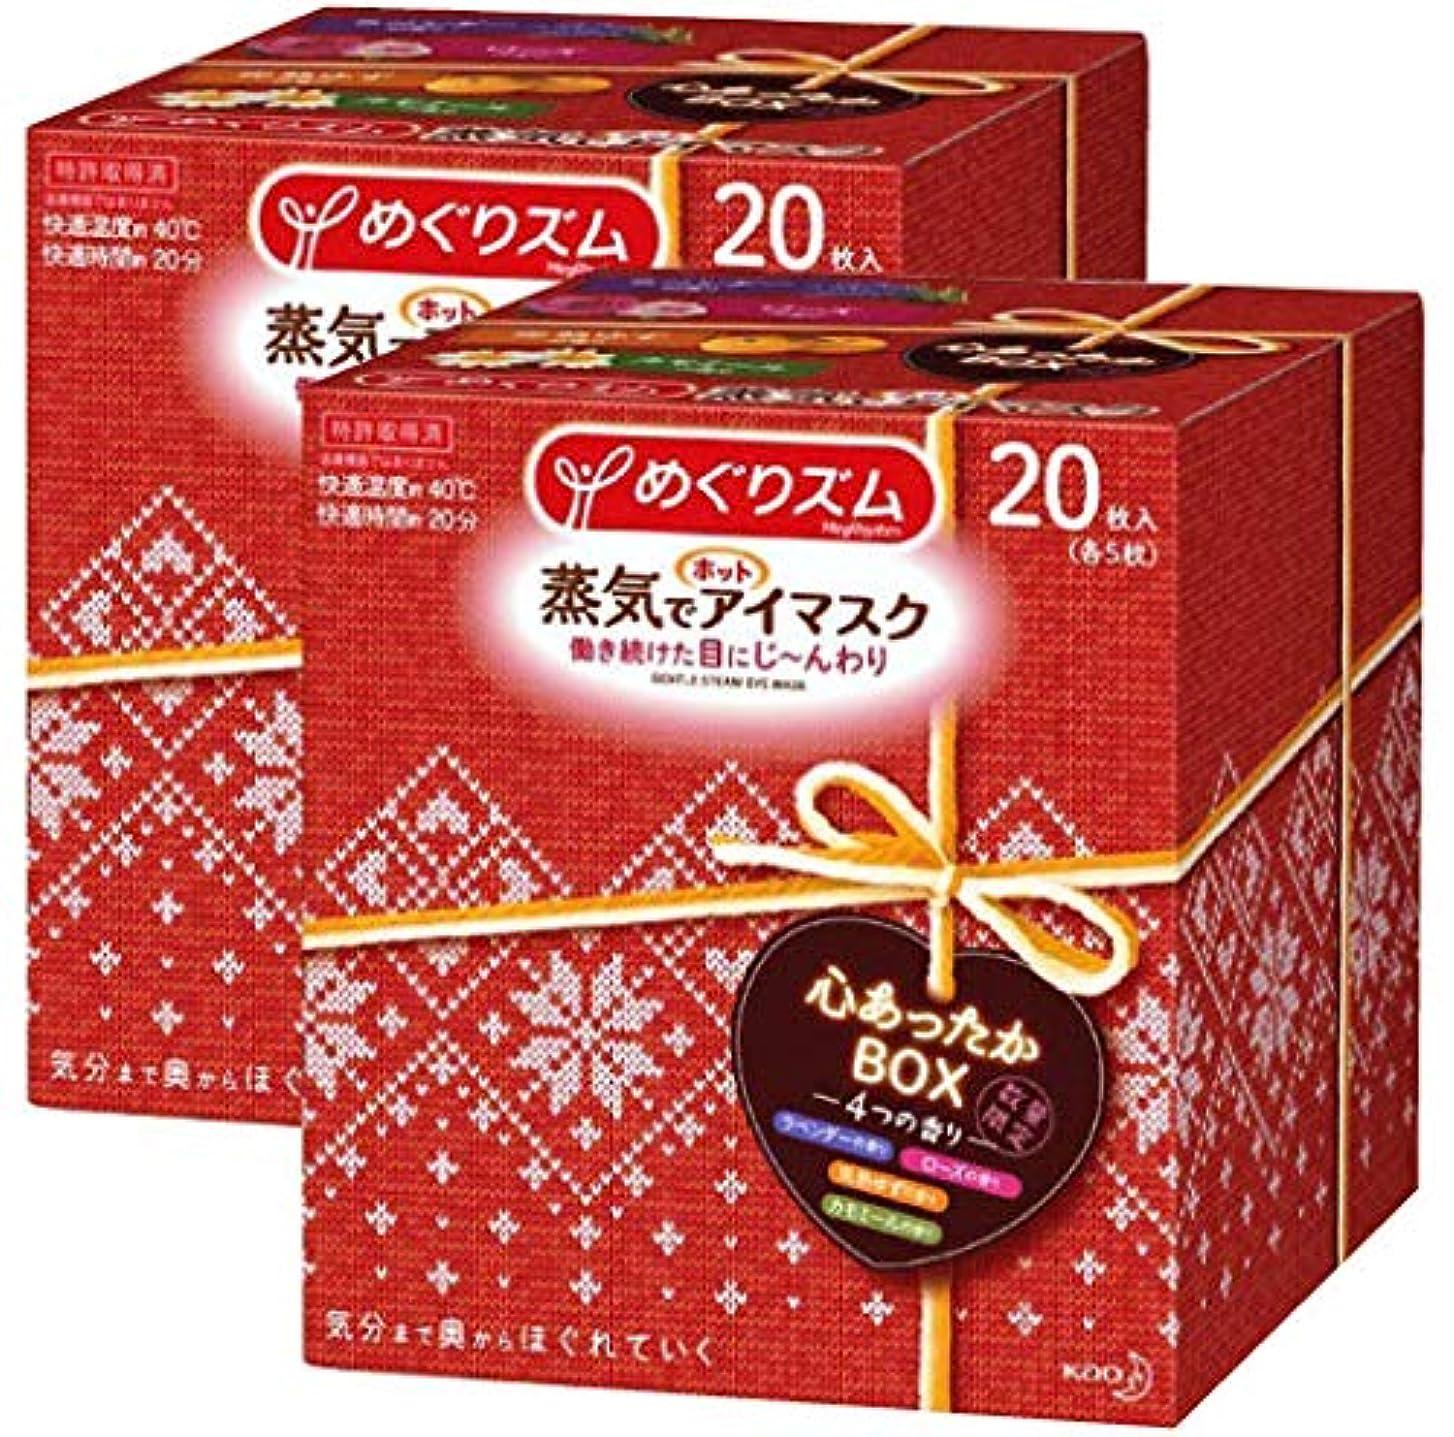 肥沃なレビュー時系列【まとめ買い】 めぐりズム 蒸気でホットアイマスク 心あったかBOX 4つの香り 20枚入 ? 2